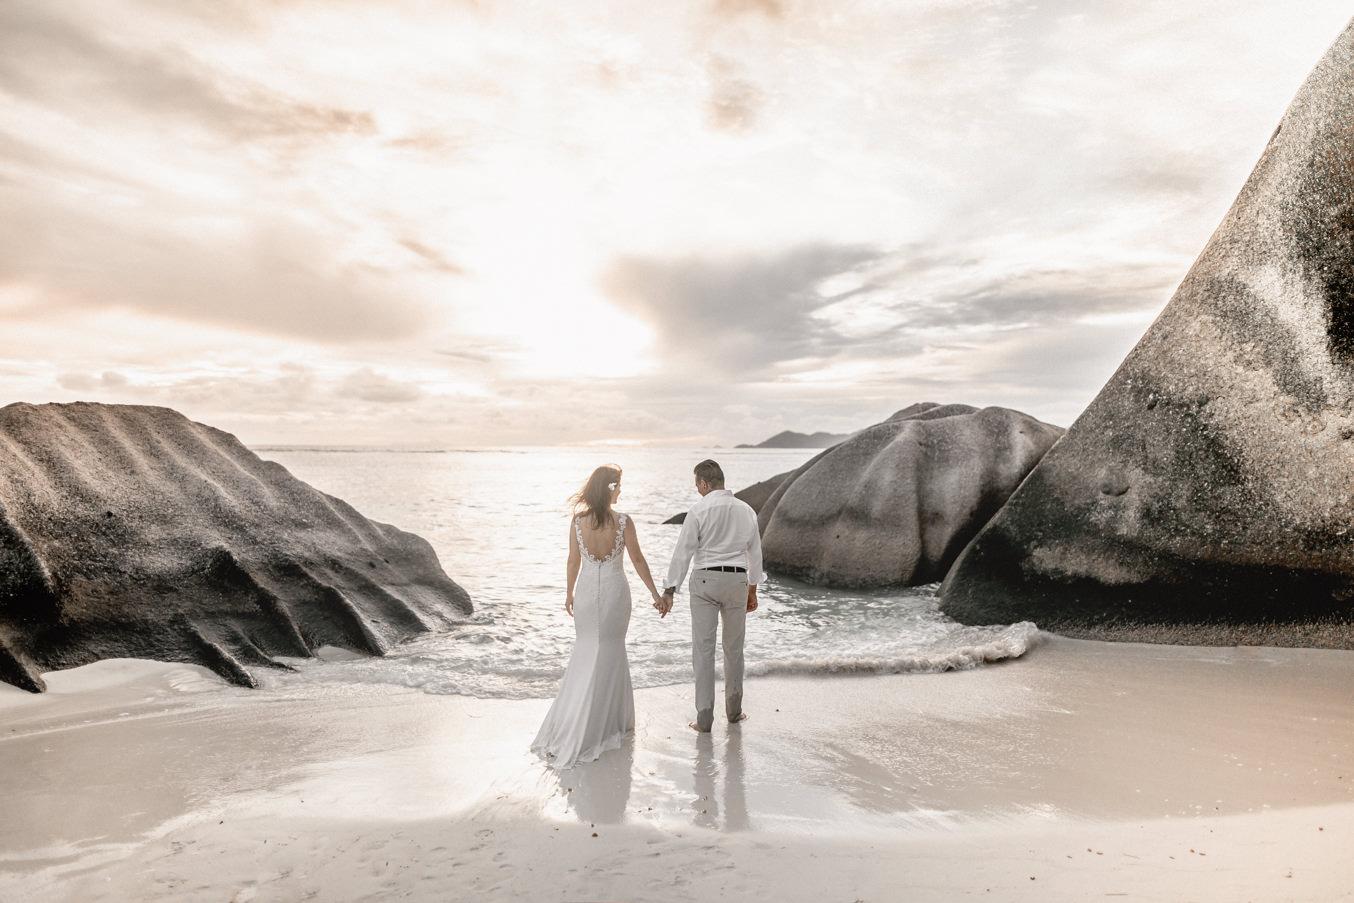 Hochzeitsfotos am Strand von Anse Source D'Argent auf den Seychellen zwischen Granitsteinen